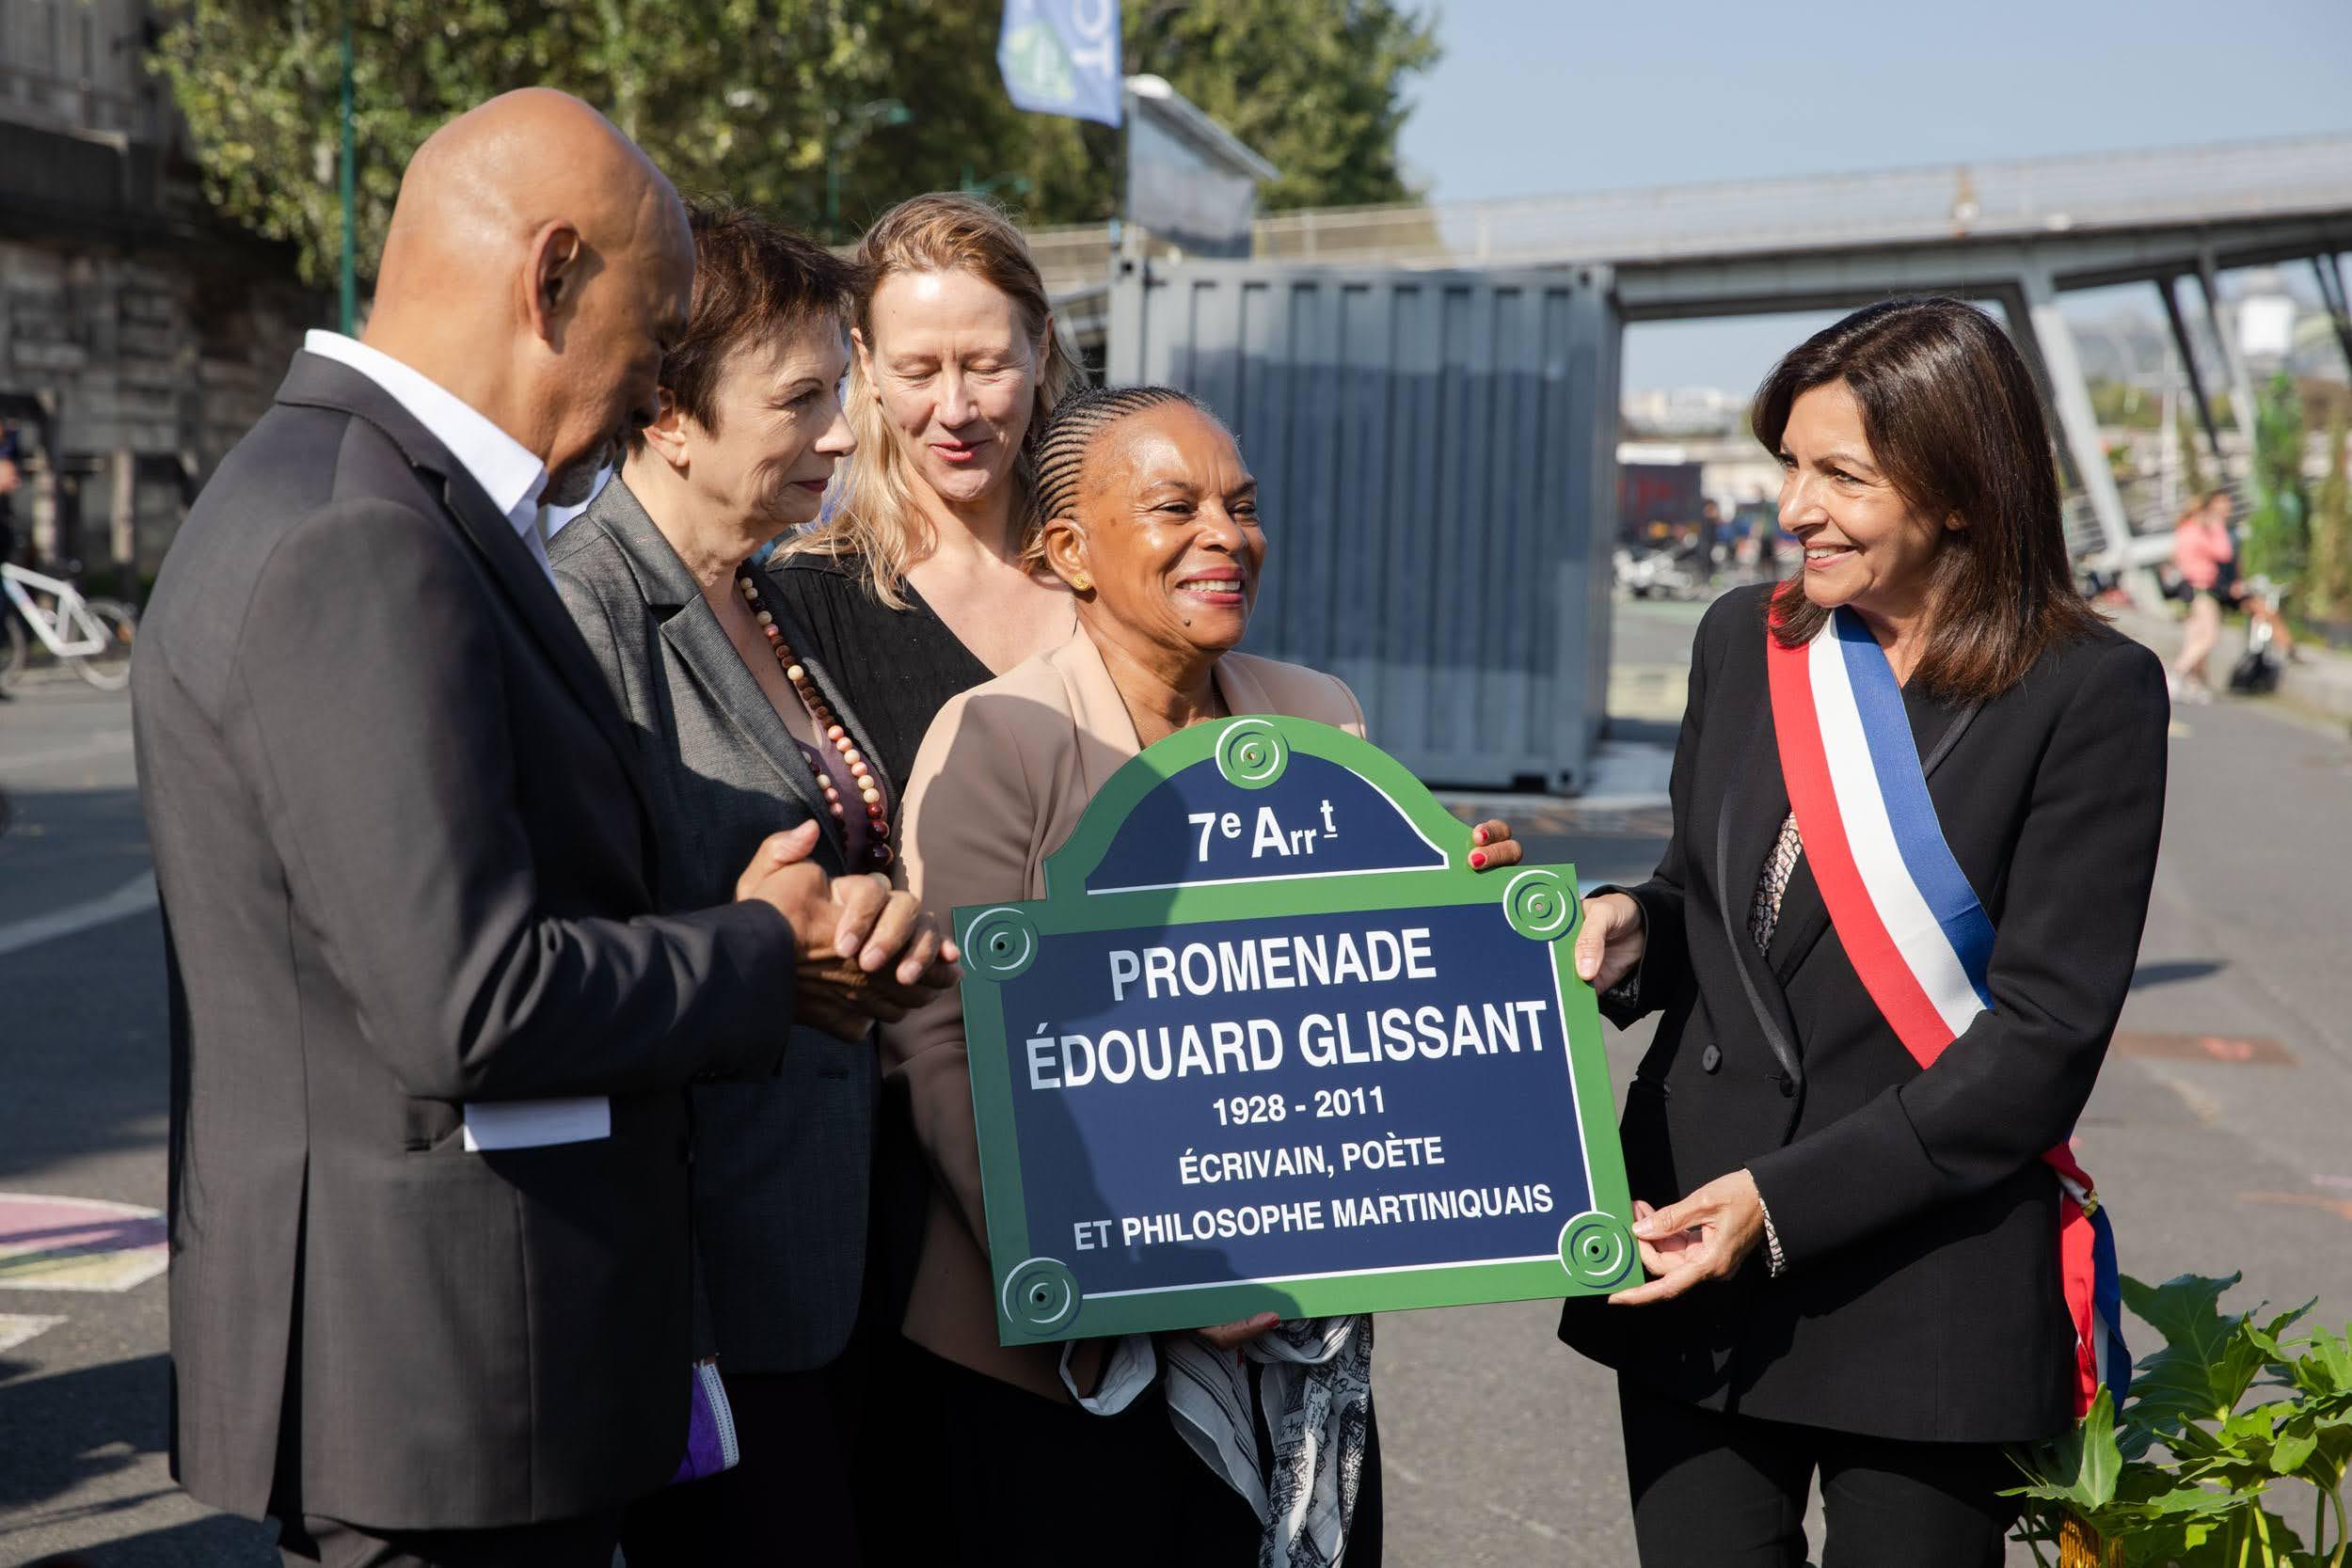 Une promenade au nom d'Edouard Glissant inaugurée à Paris